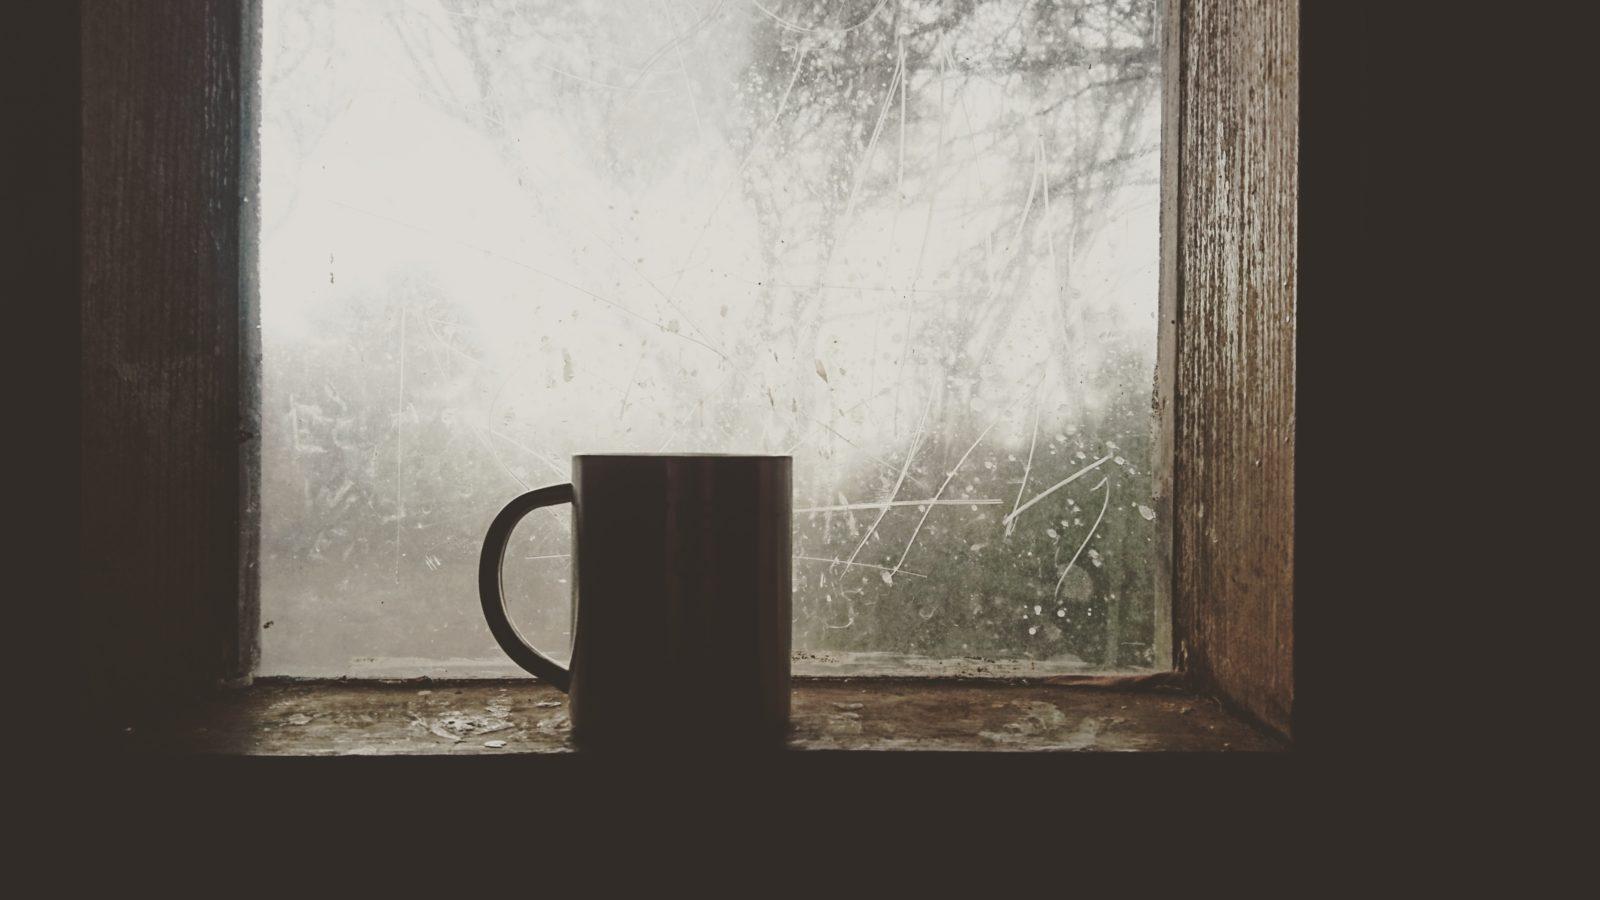 Smutek Zdrady – W strugach deszczu